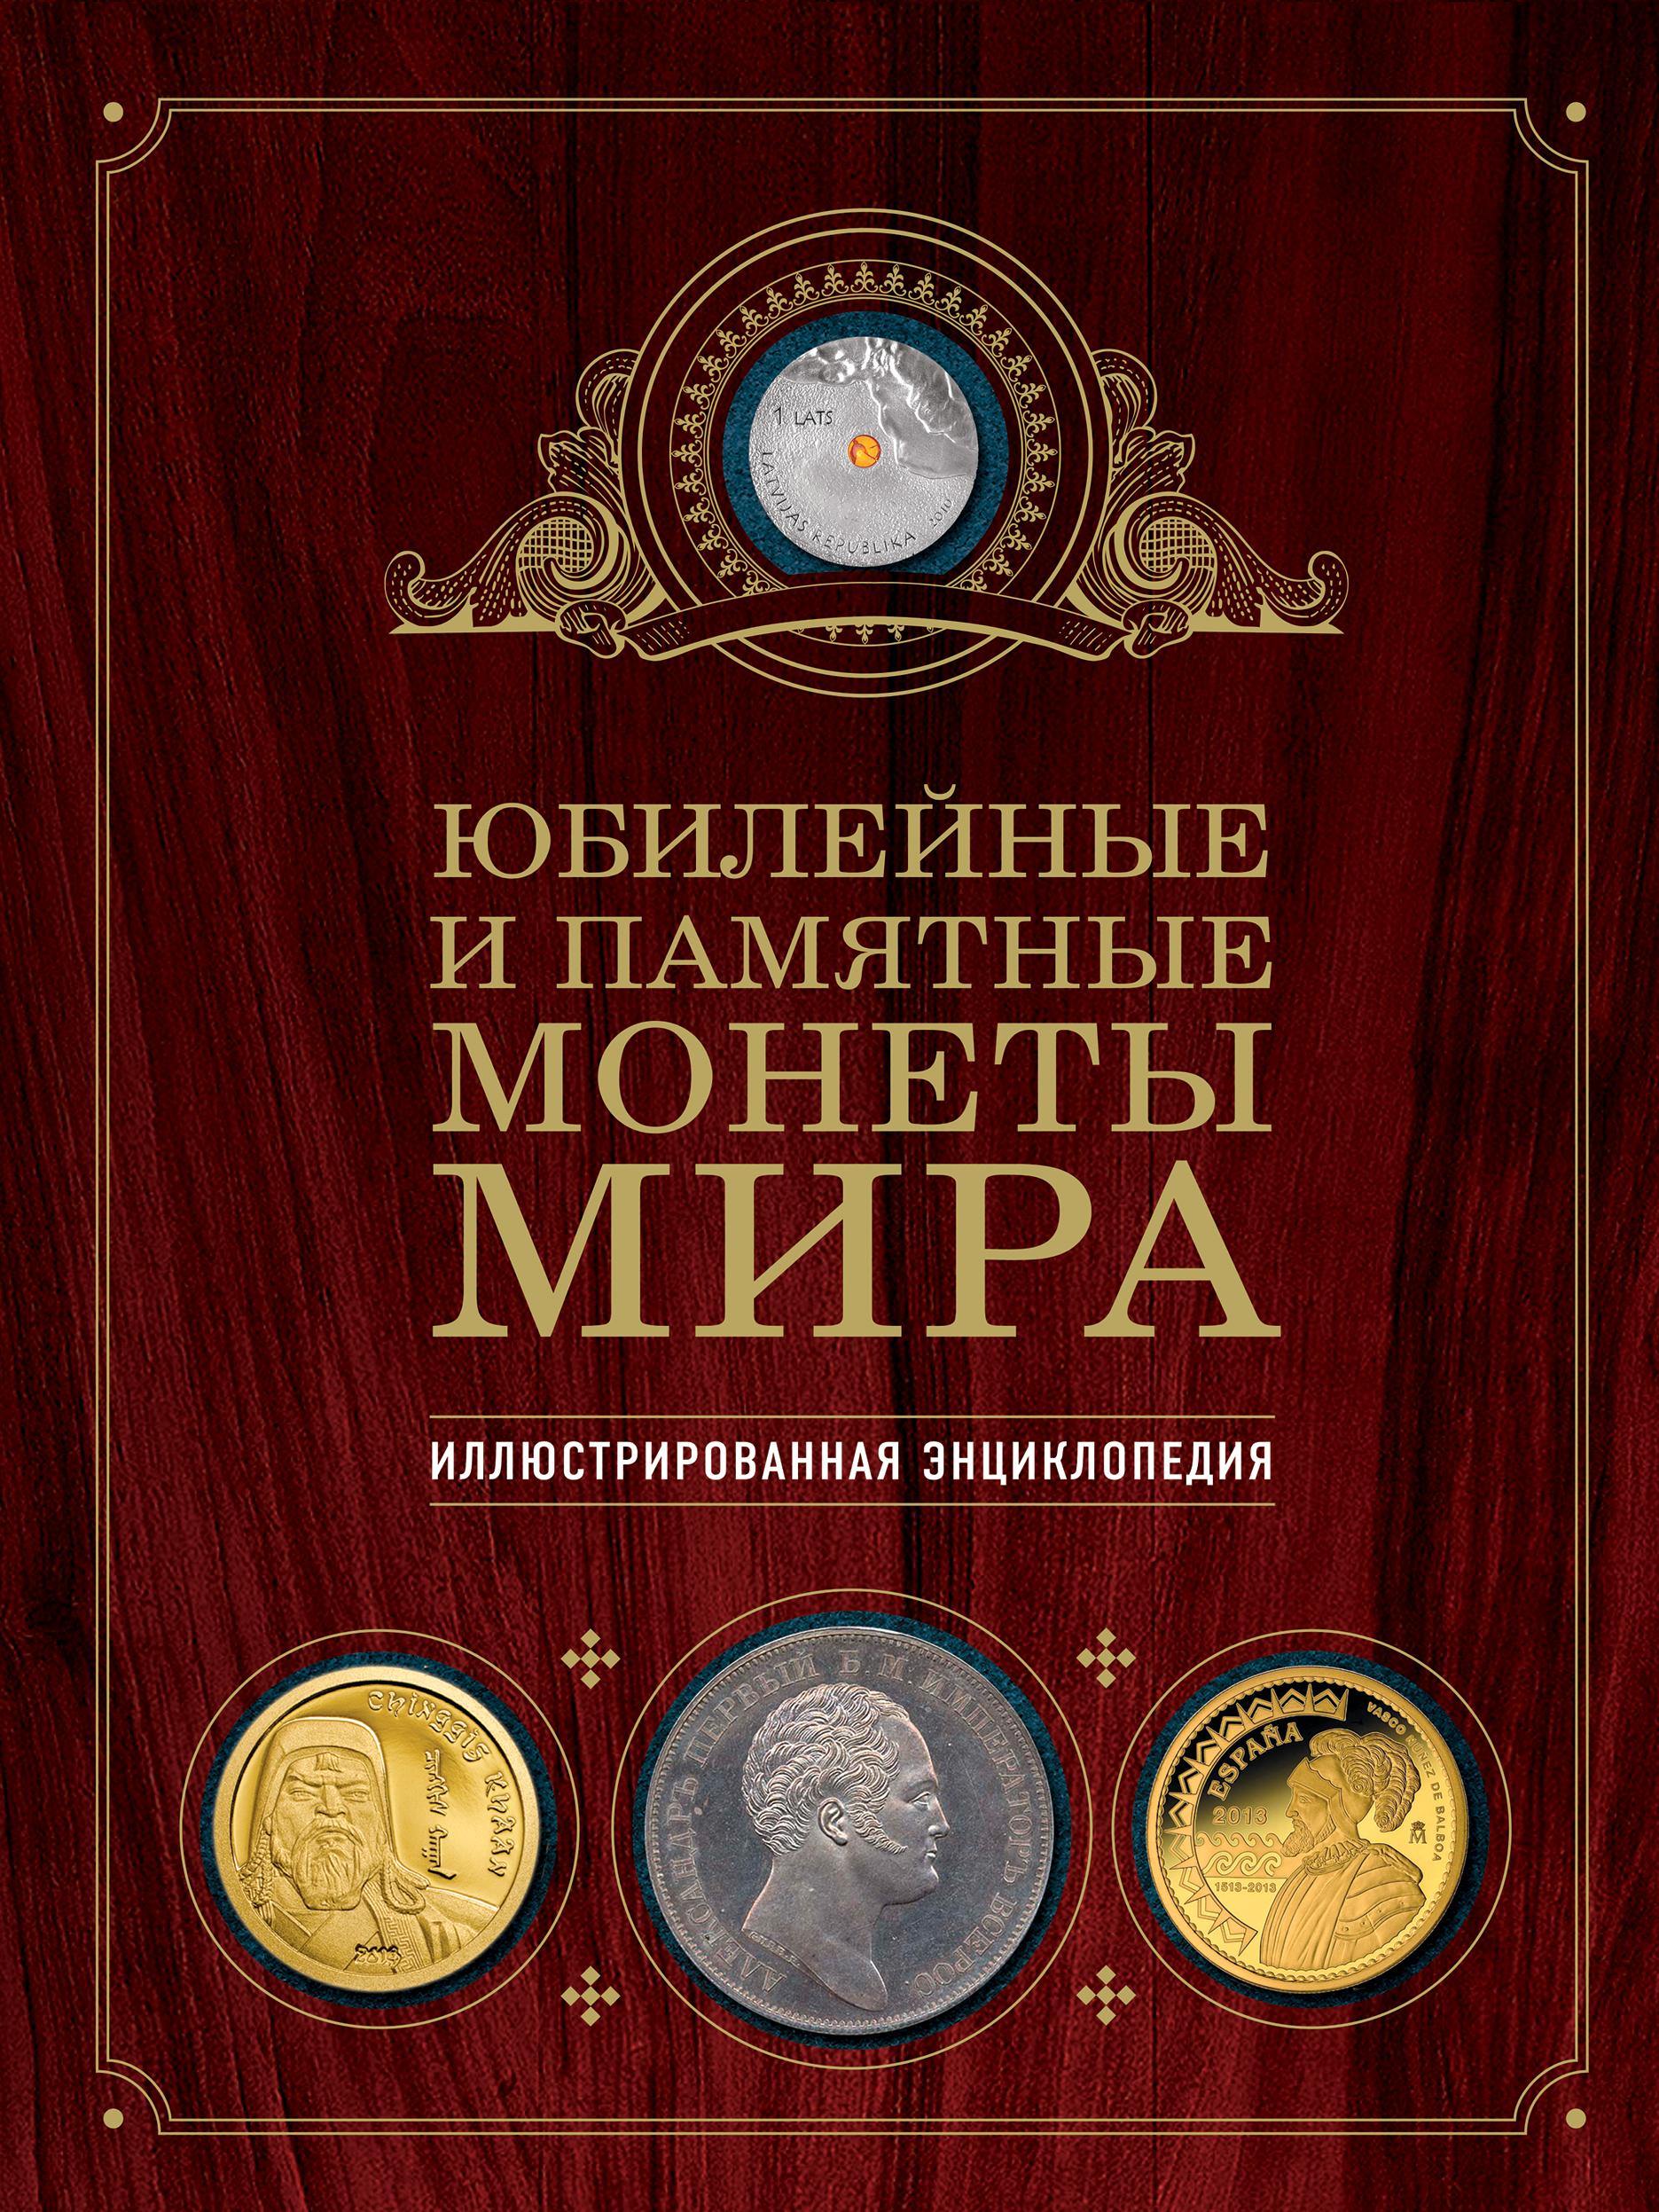 Ларин-Подольский Игорь Александрович Юбилейные и памятные монеты мира